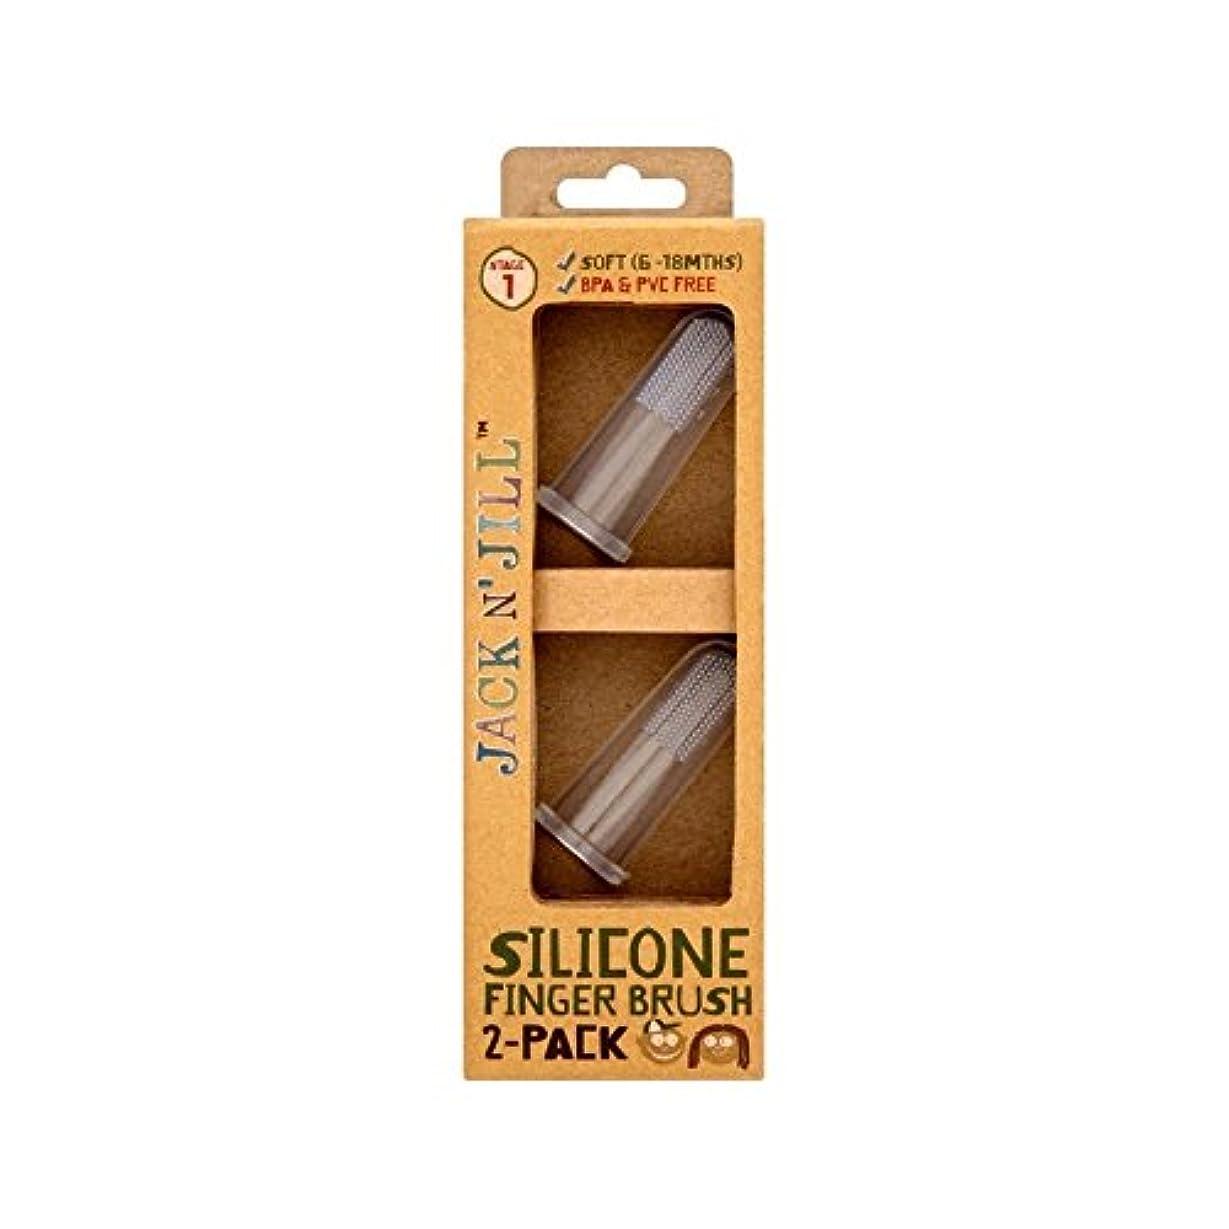 荒れ地履歴書マイナーシリコーン指ブラシ2パックあたりパック2 (Jack N Jill) (x 4) - Jack N' Jill Silicone Finger Brush 2 Pack 2 per pack (Pack of 4) [並行輸入品]